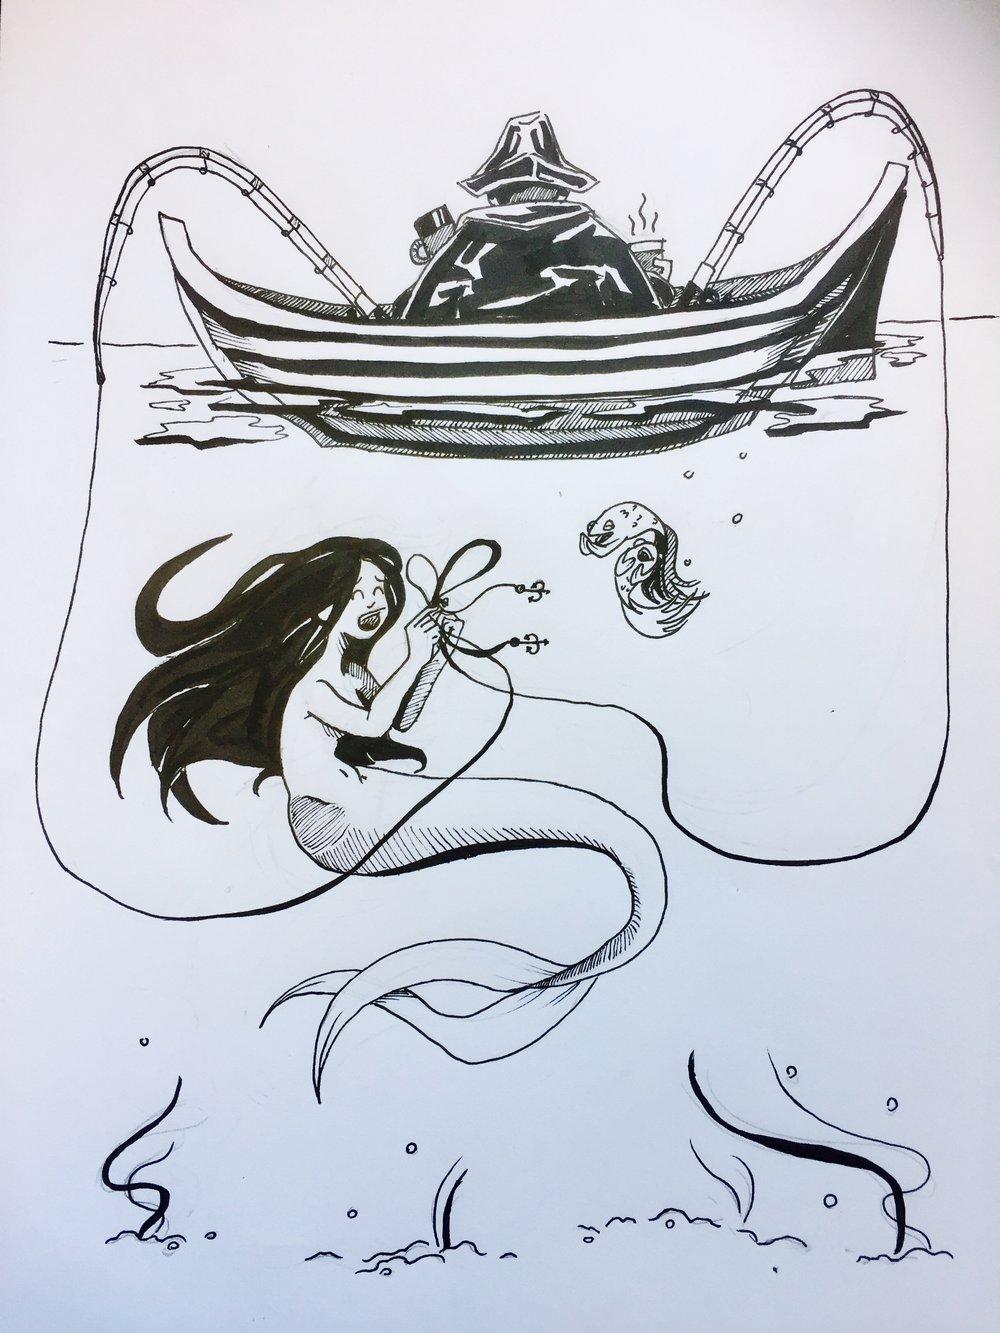 #4: Underwater